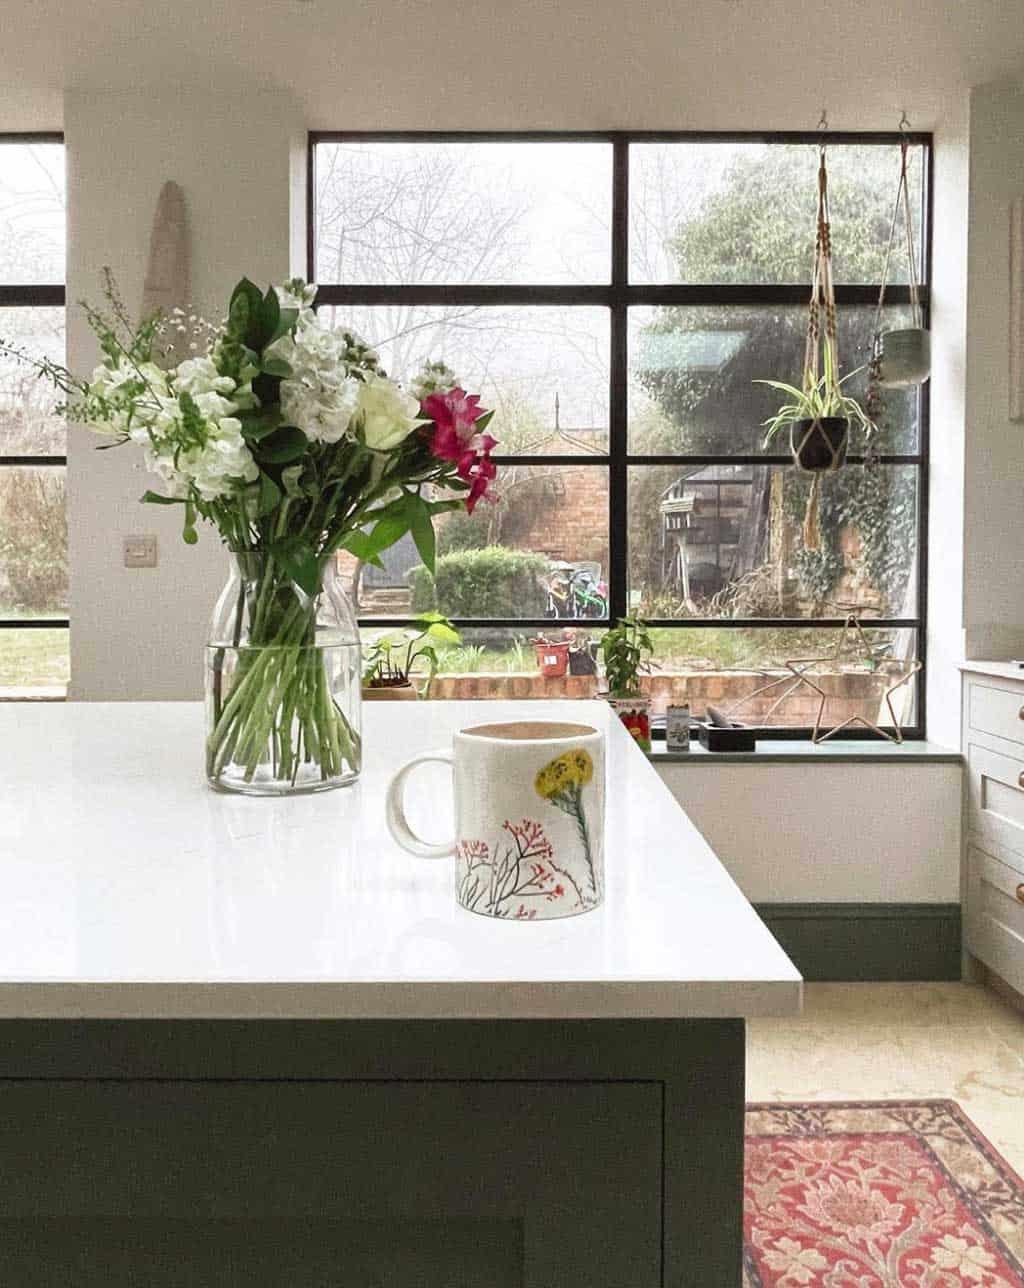 shaker kitchen, Crittall windows and white quartz worktops